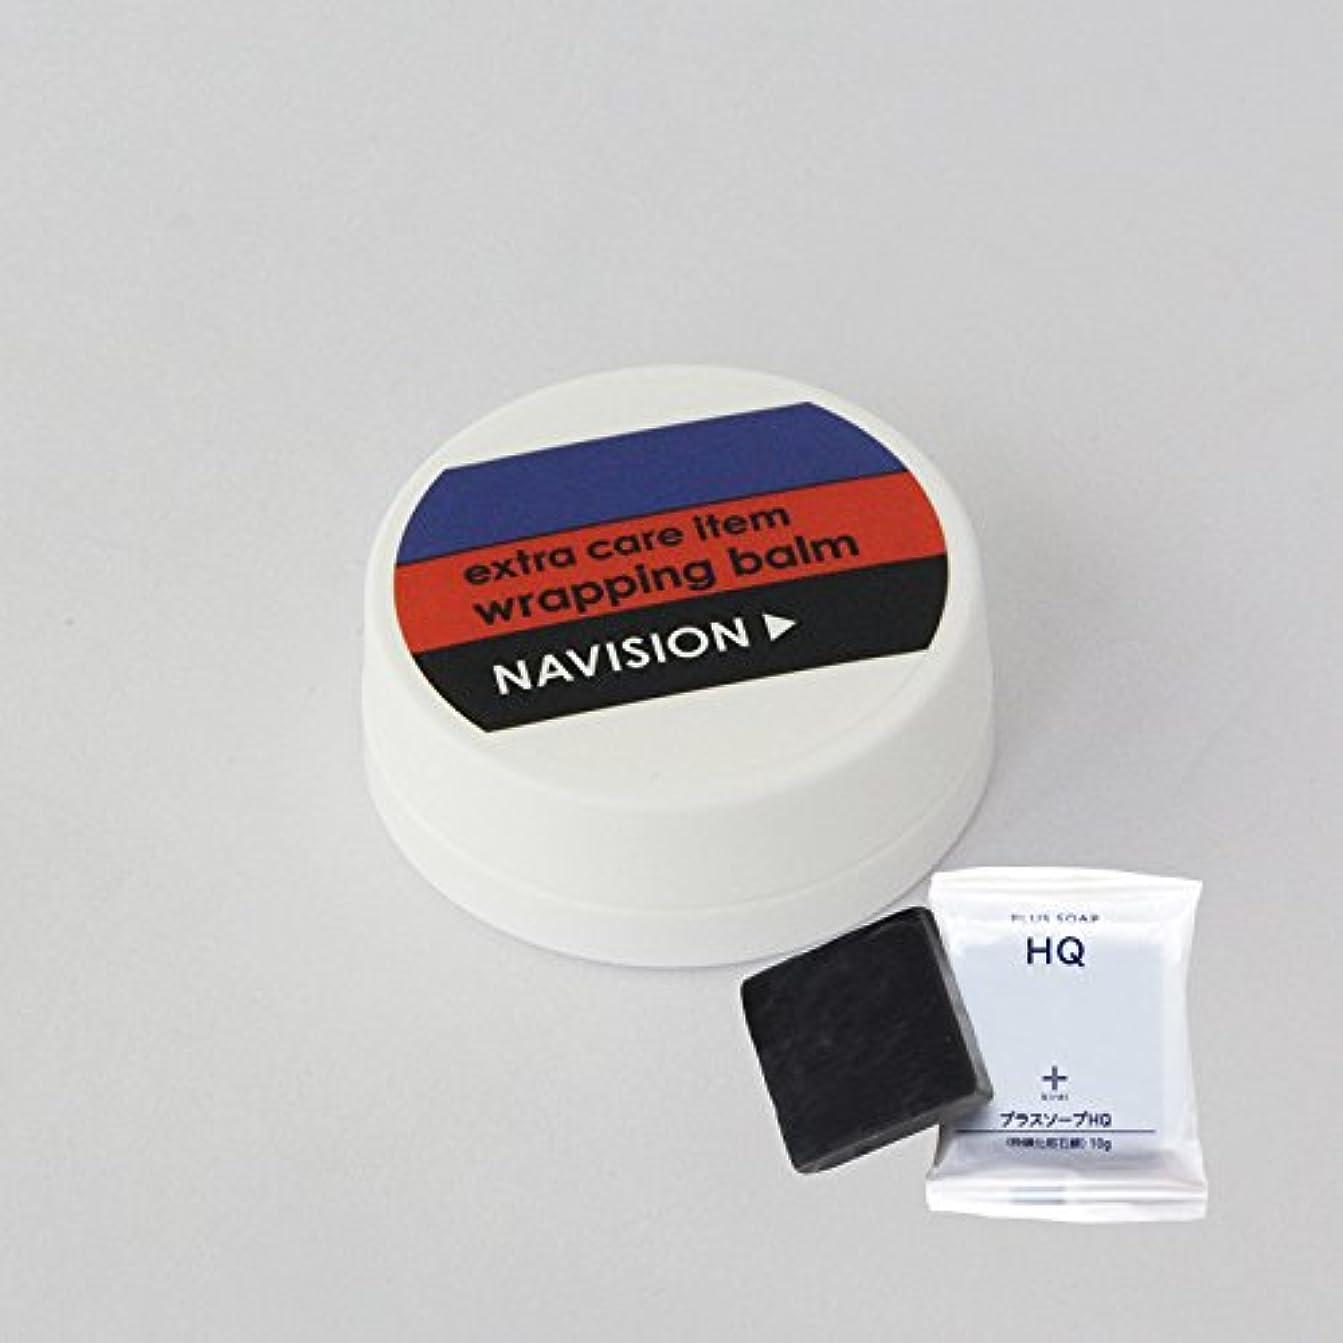 サスティーン髄シネウィナビジョン NAVISION ラッピングバーム 5g + プラスキレイ プラスソープHQミニ